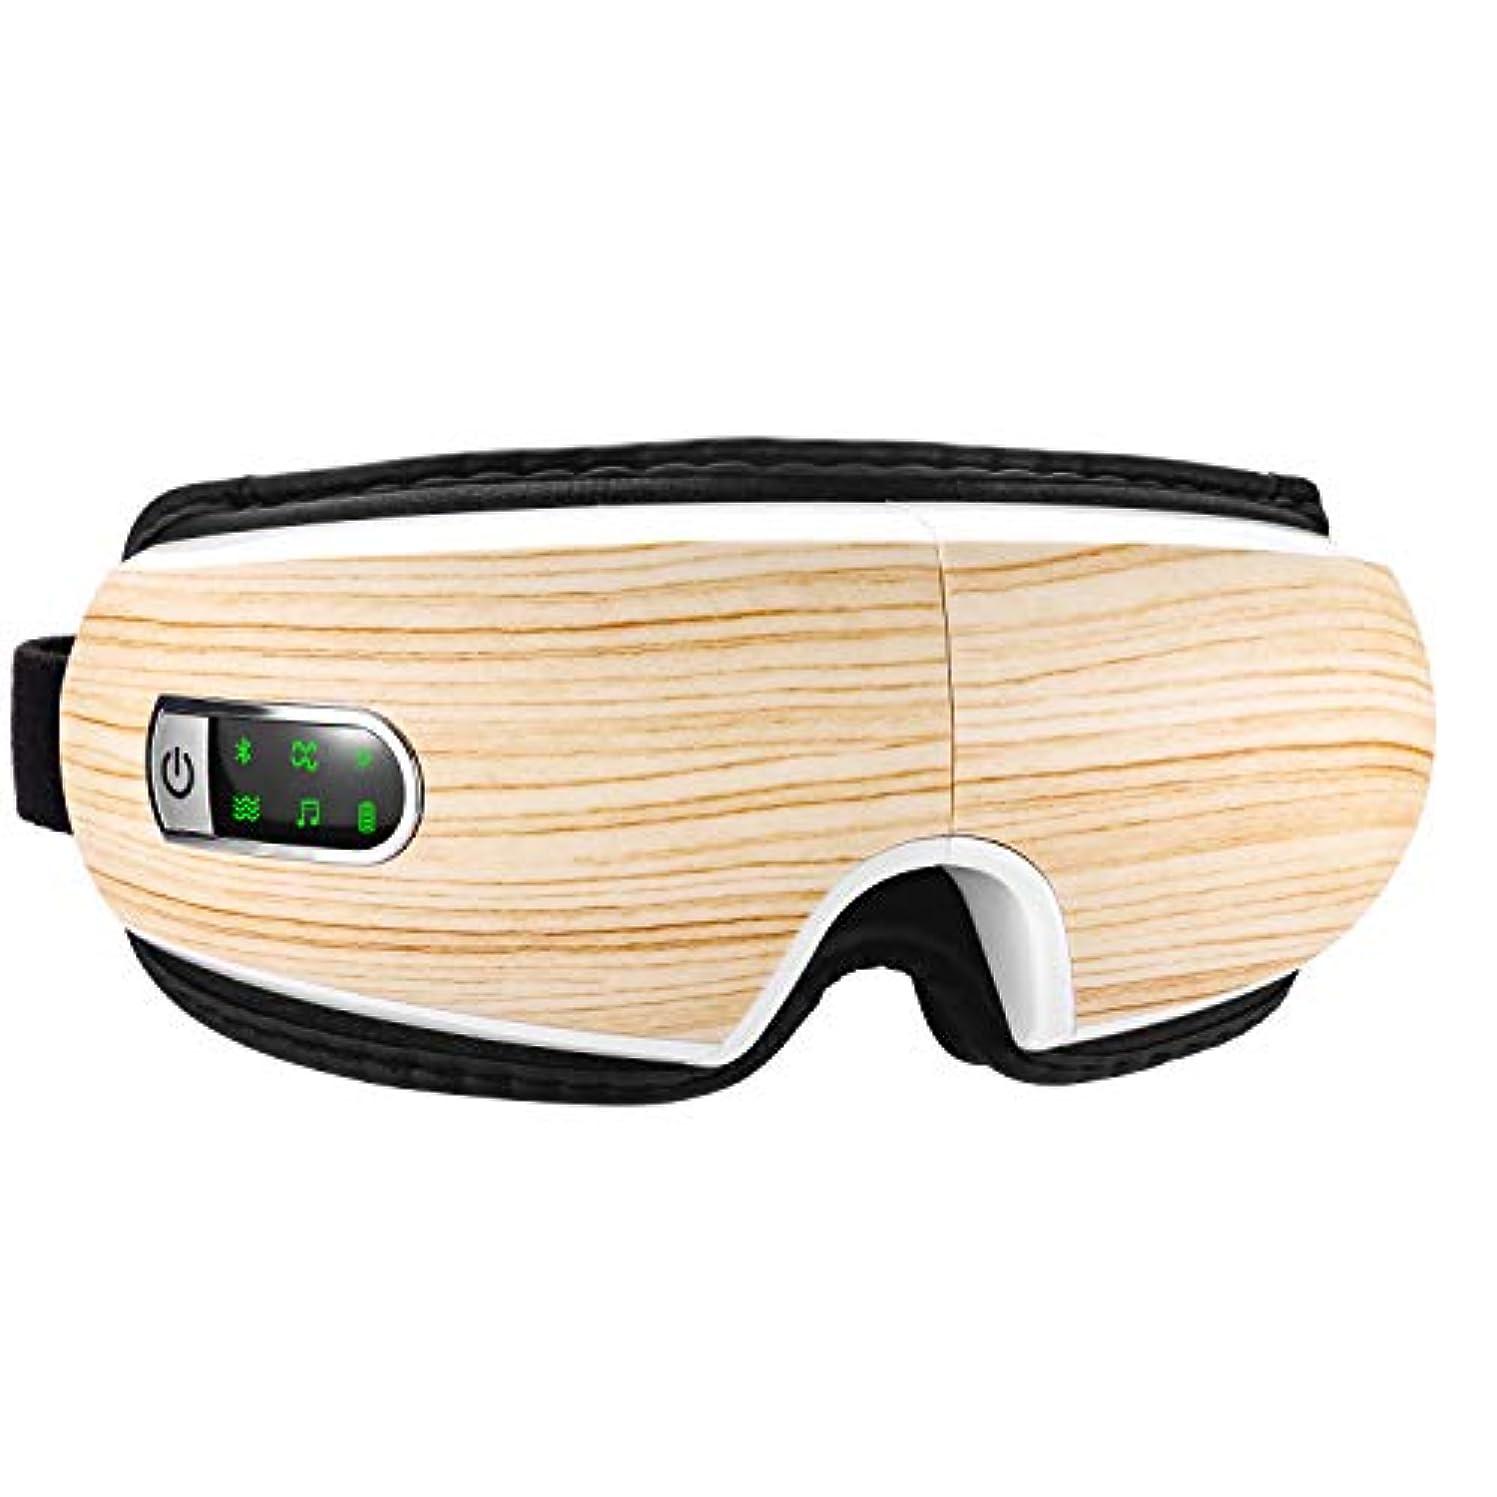 パケット選挙変化する目マッサージ器 目元エステ 目元美顔器 ホットアイマスク 快眠グッズ 振動機能 音楽機能 USB充電式 タイマー機能 アイマスク